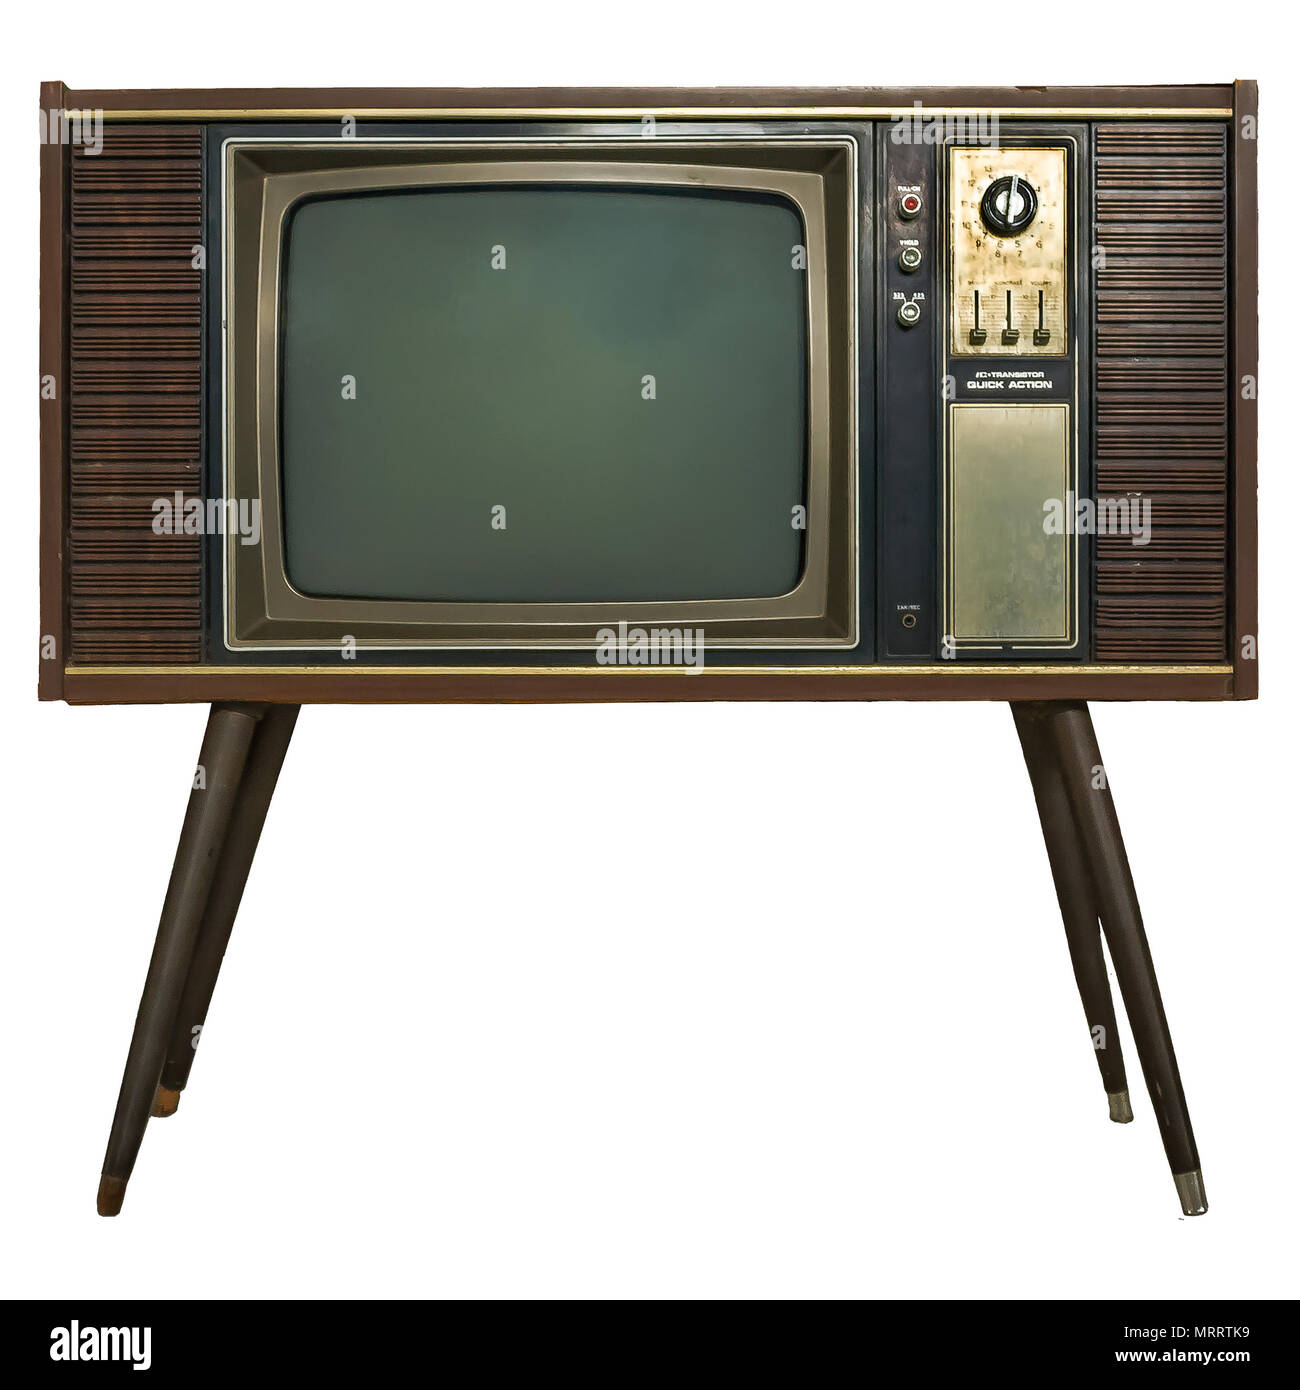 TV   Vintage Retro antiguo televisor en gabinete de madera sobre fondo  blanco aisladas con trazado 34a2deda3a26